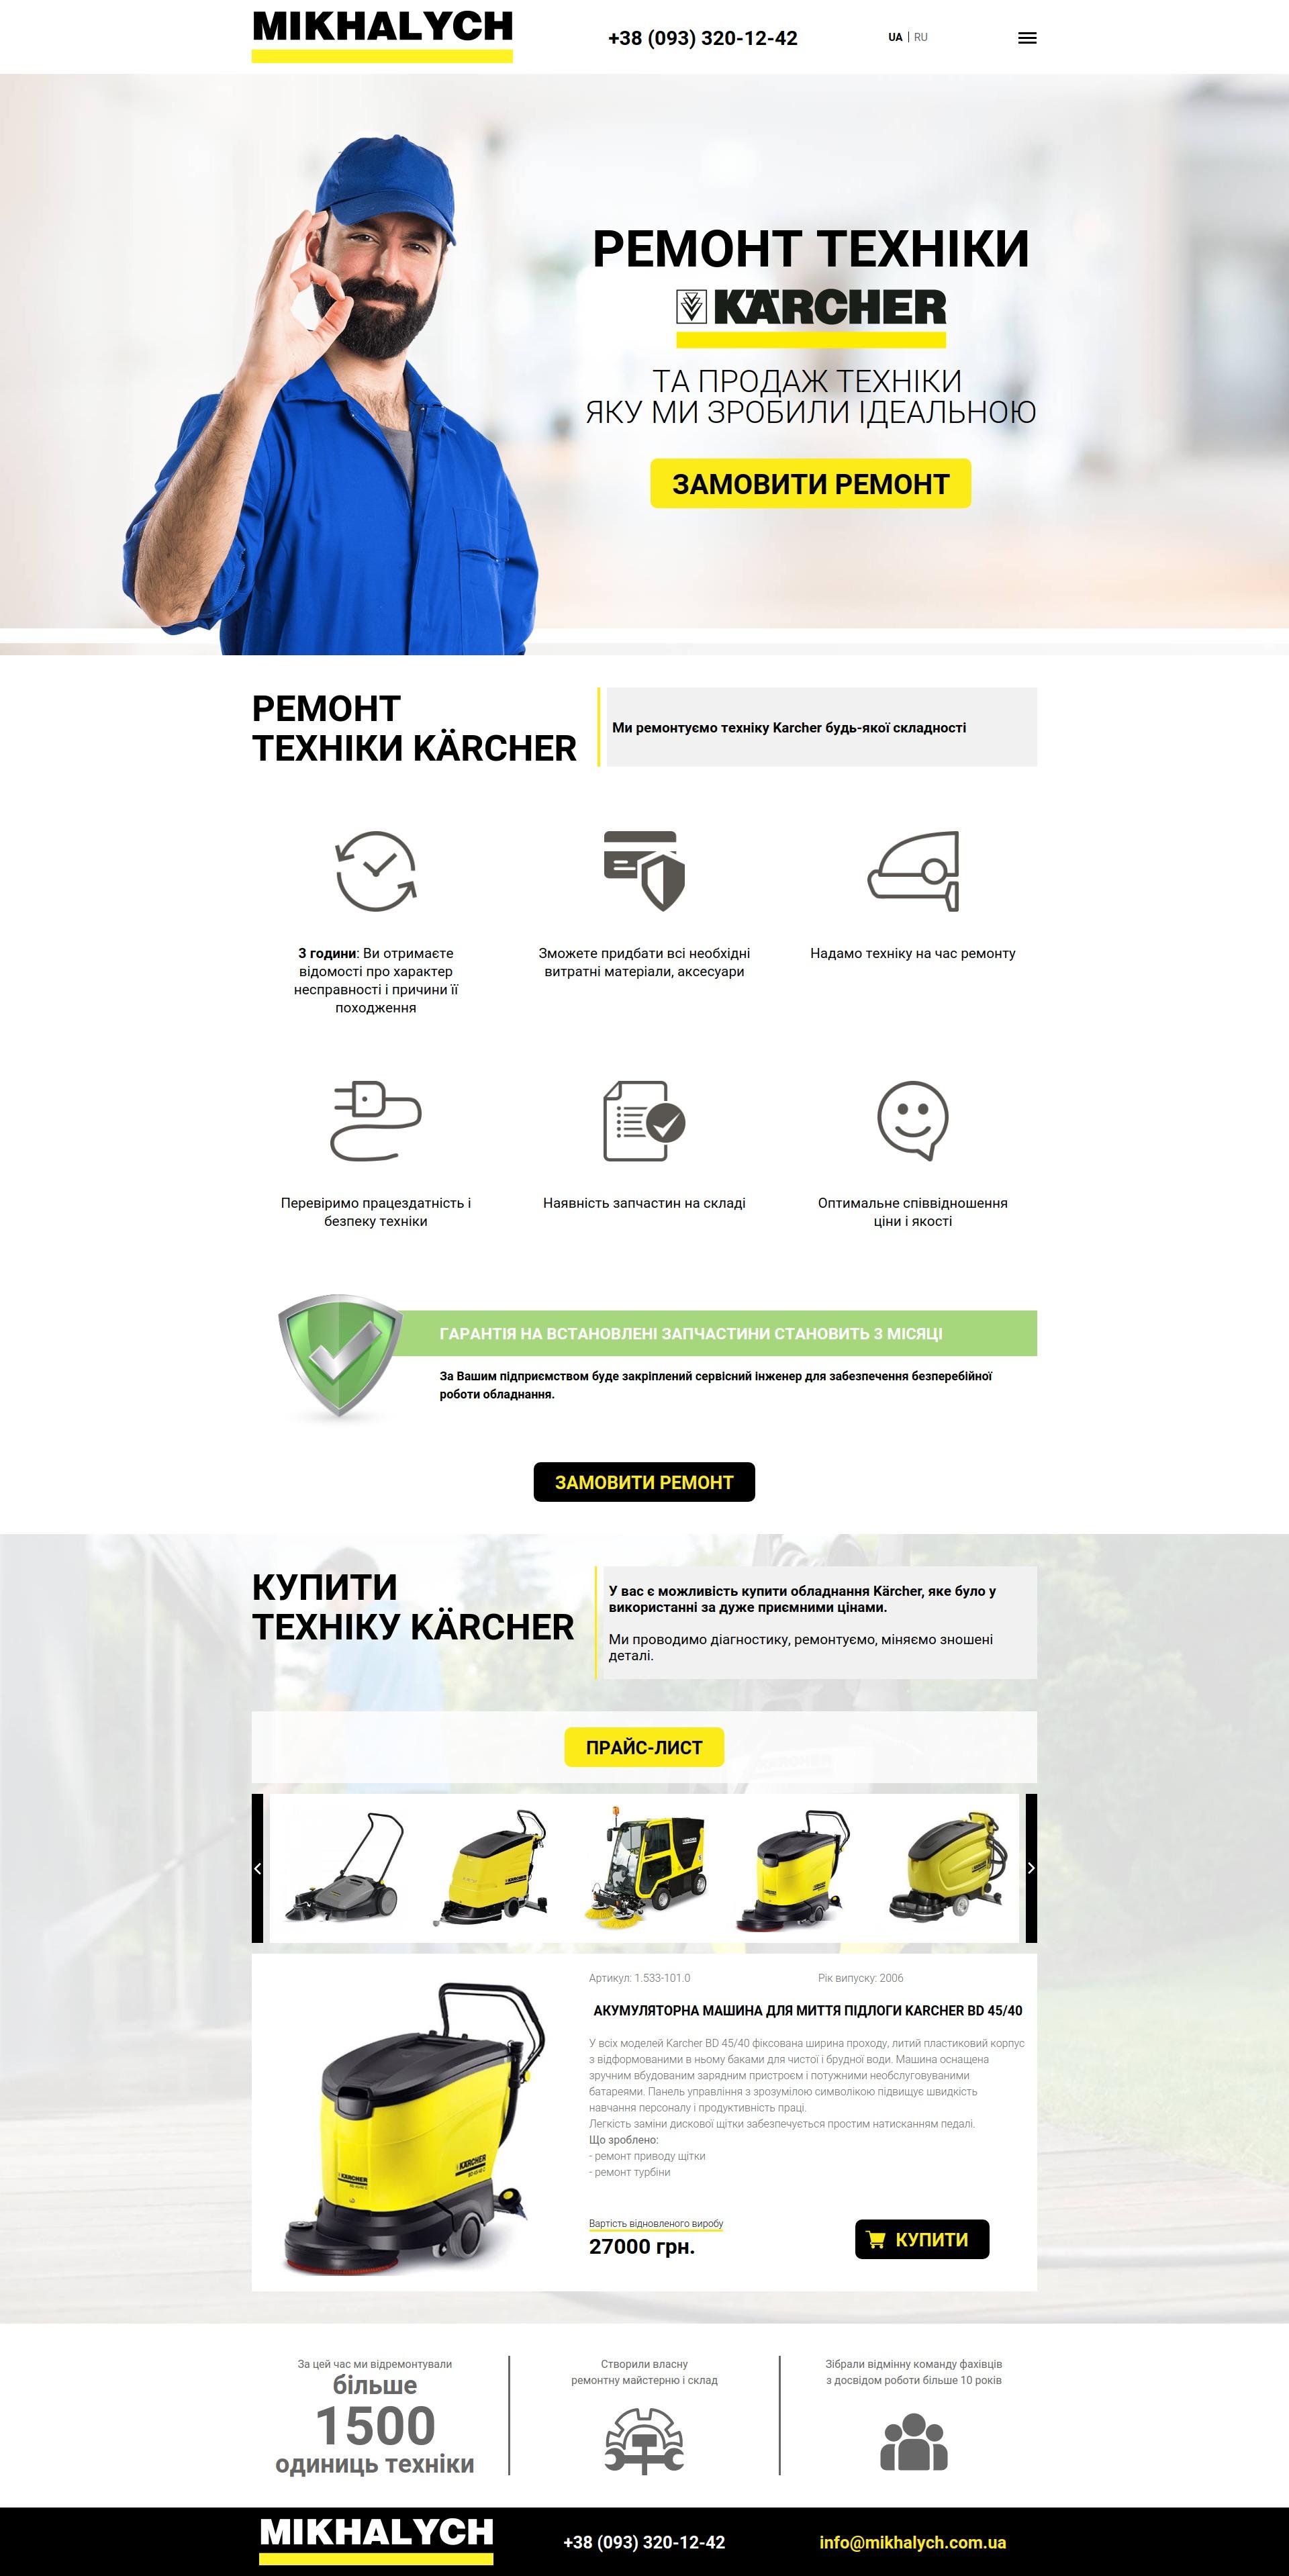 Фото Сайт компании по ремонту и продаже техники для уборки помещений. Уникальный дизайн, адаптивная верстка